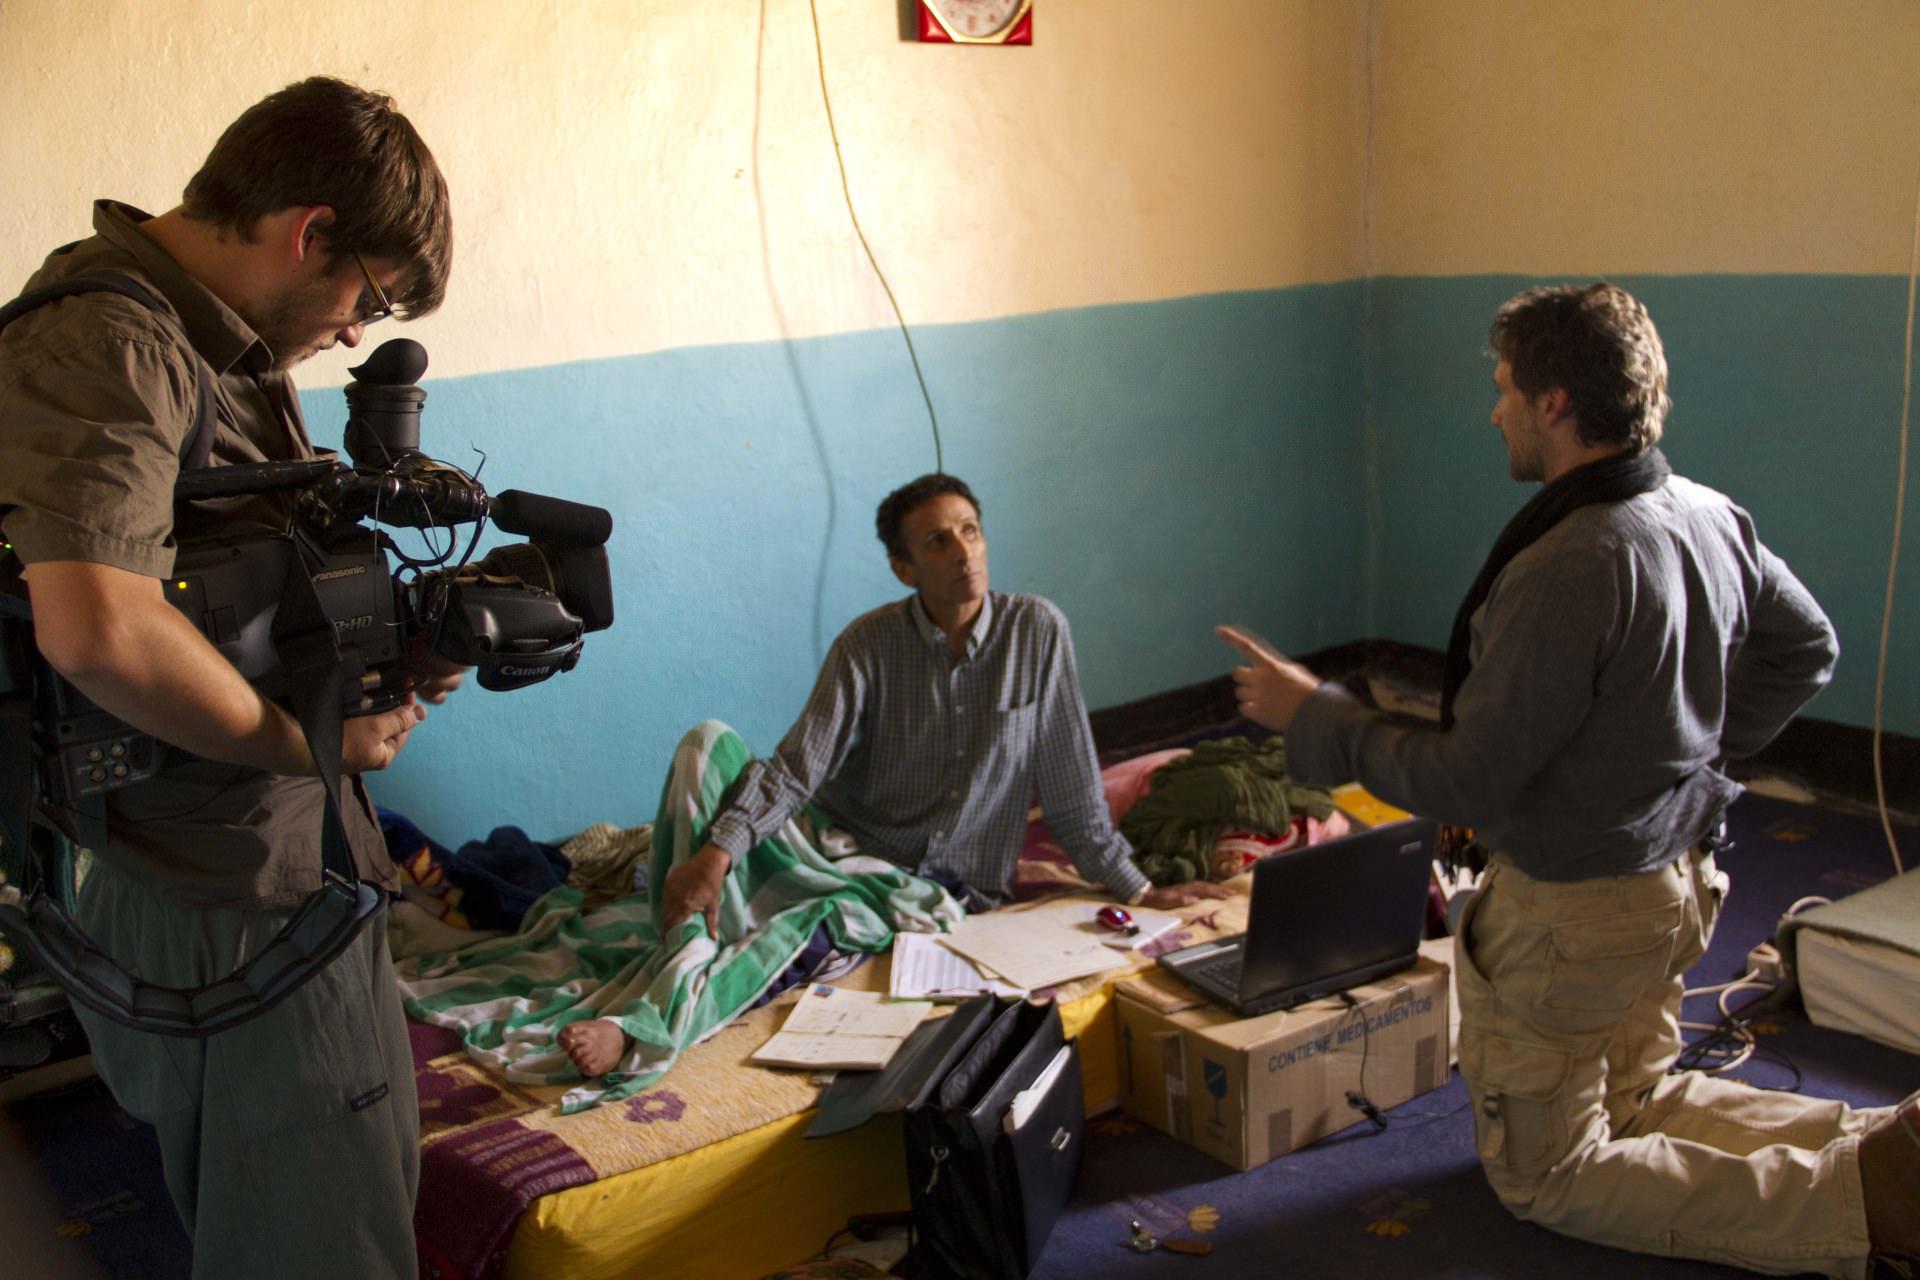 proyecto audiovisual solidario accamedia miguel angel tobias gurba condena